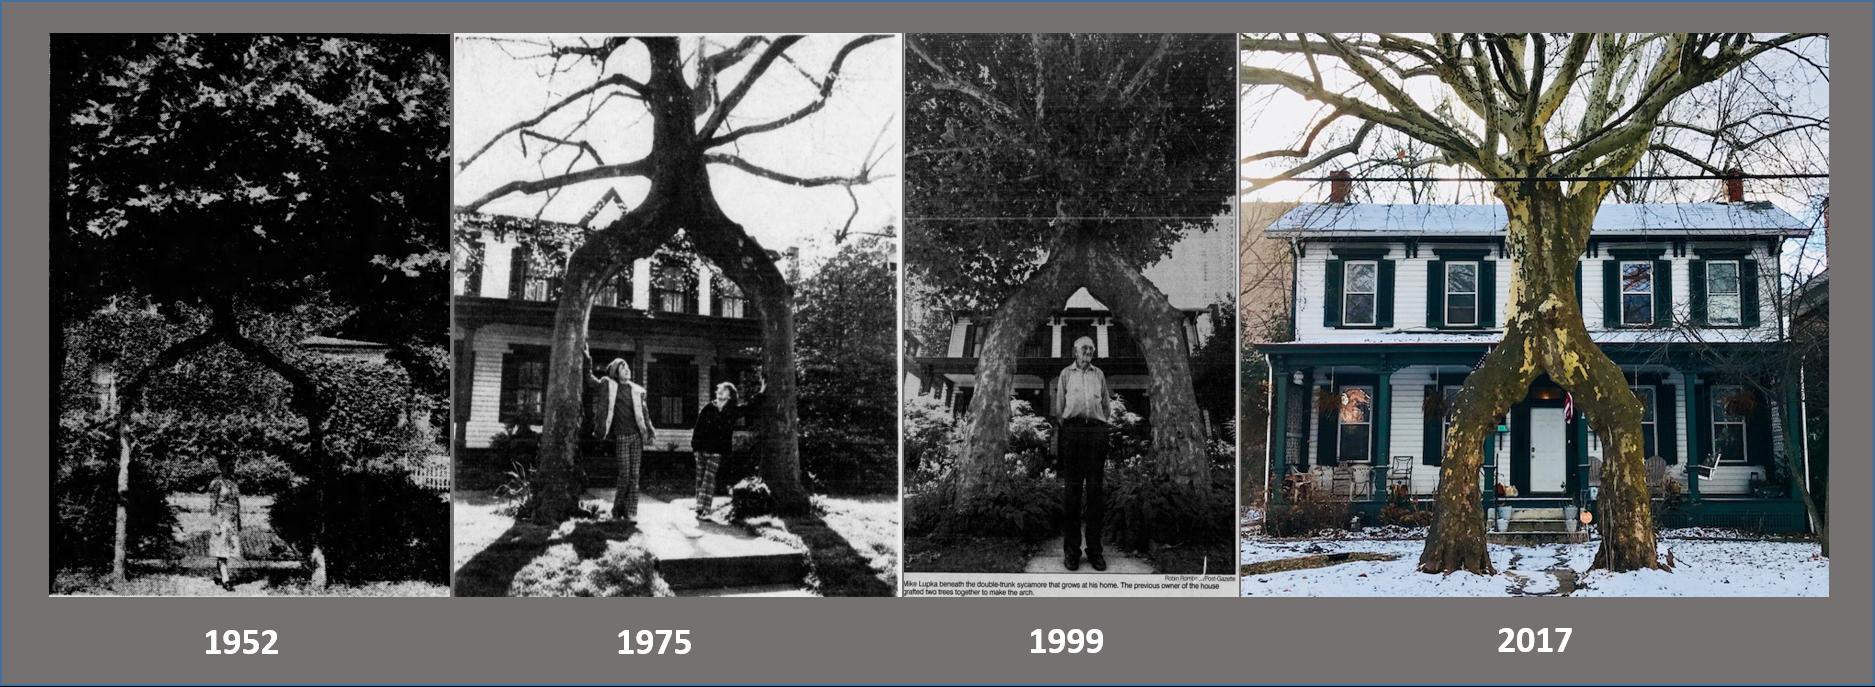 Tree Timeline.png